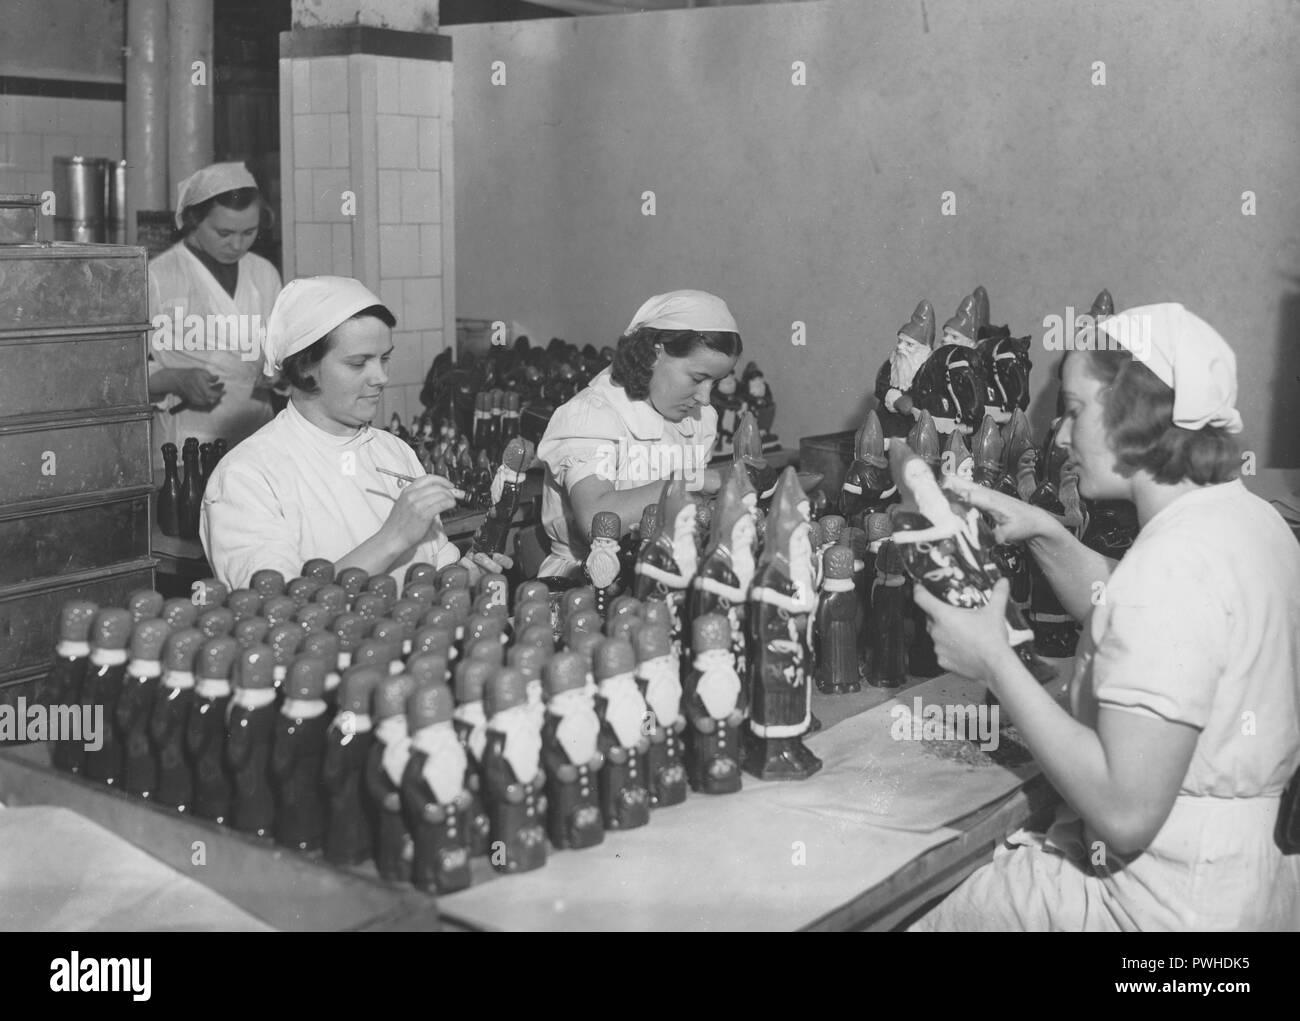 Weihnachten chokolate. Drei junge Mitarbeiter, die in der Fabrik der schwedische Schokolade maker company Cloetta. Sie sind beschäftigt der Fertigung der Schokolade Weihnachtsmänner, die den Anforderungen an die Filialen ausgeliefert werden. Cloetta Unternehmen war 1872 und wurde zum ersten Mal Schokolade Produkte im industriellen Umfeld zu machen. Schweden 1940 Stockbild